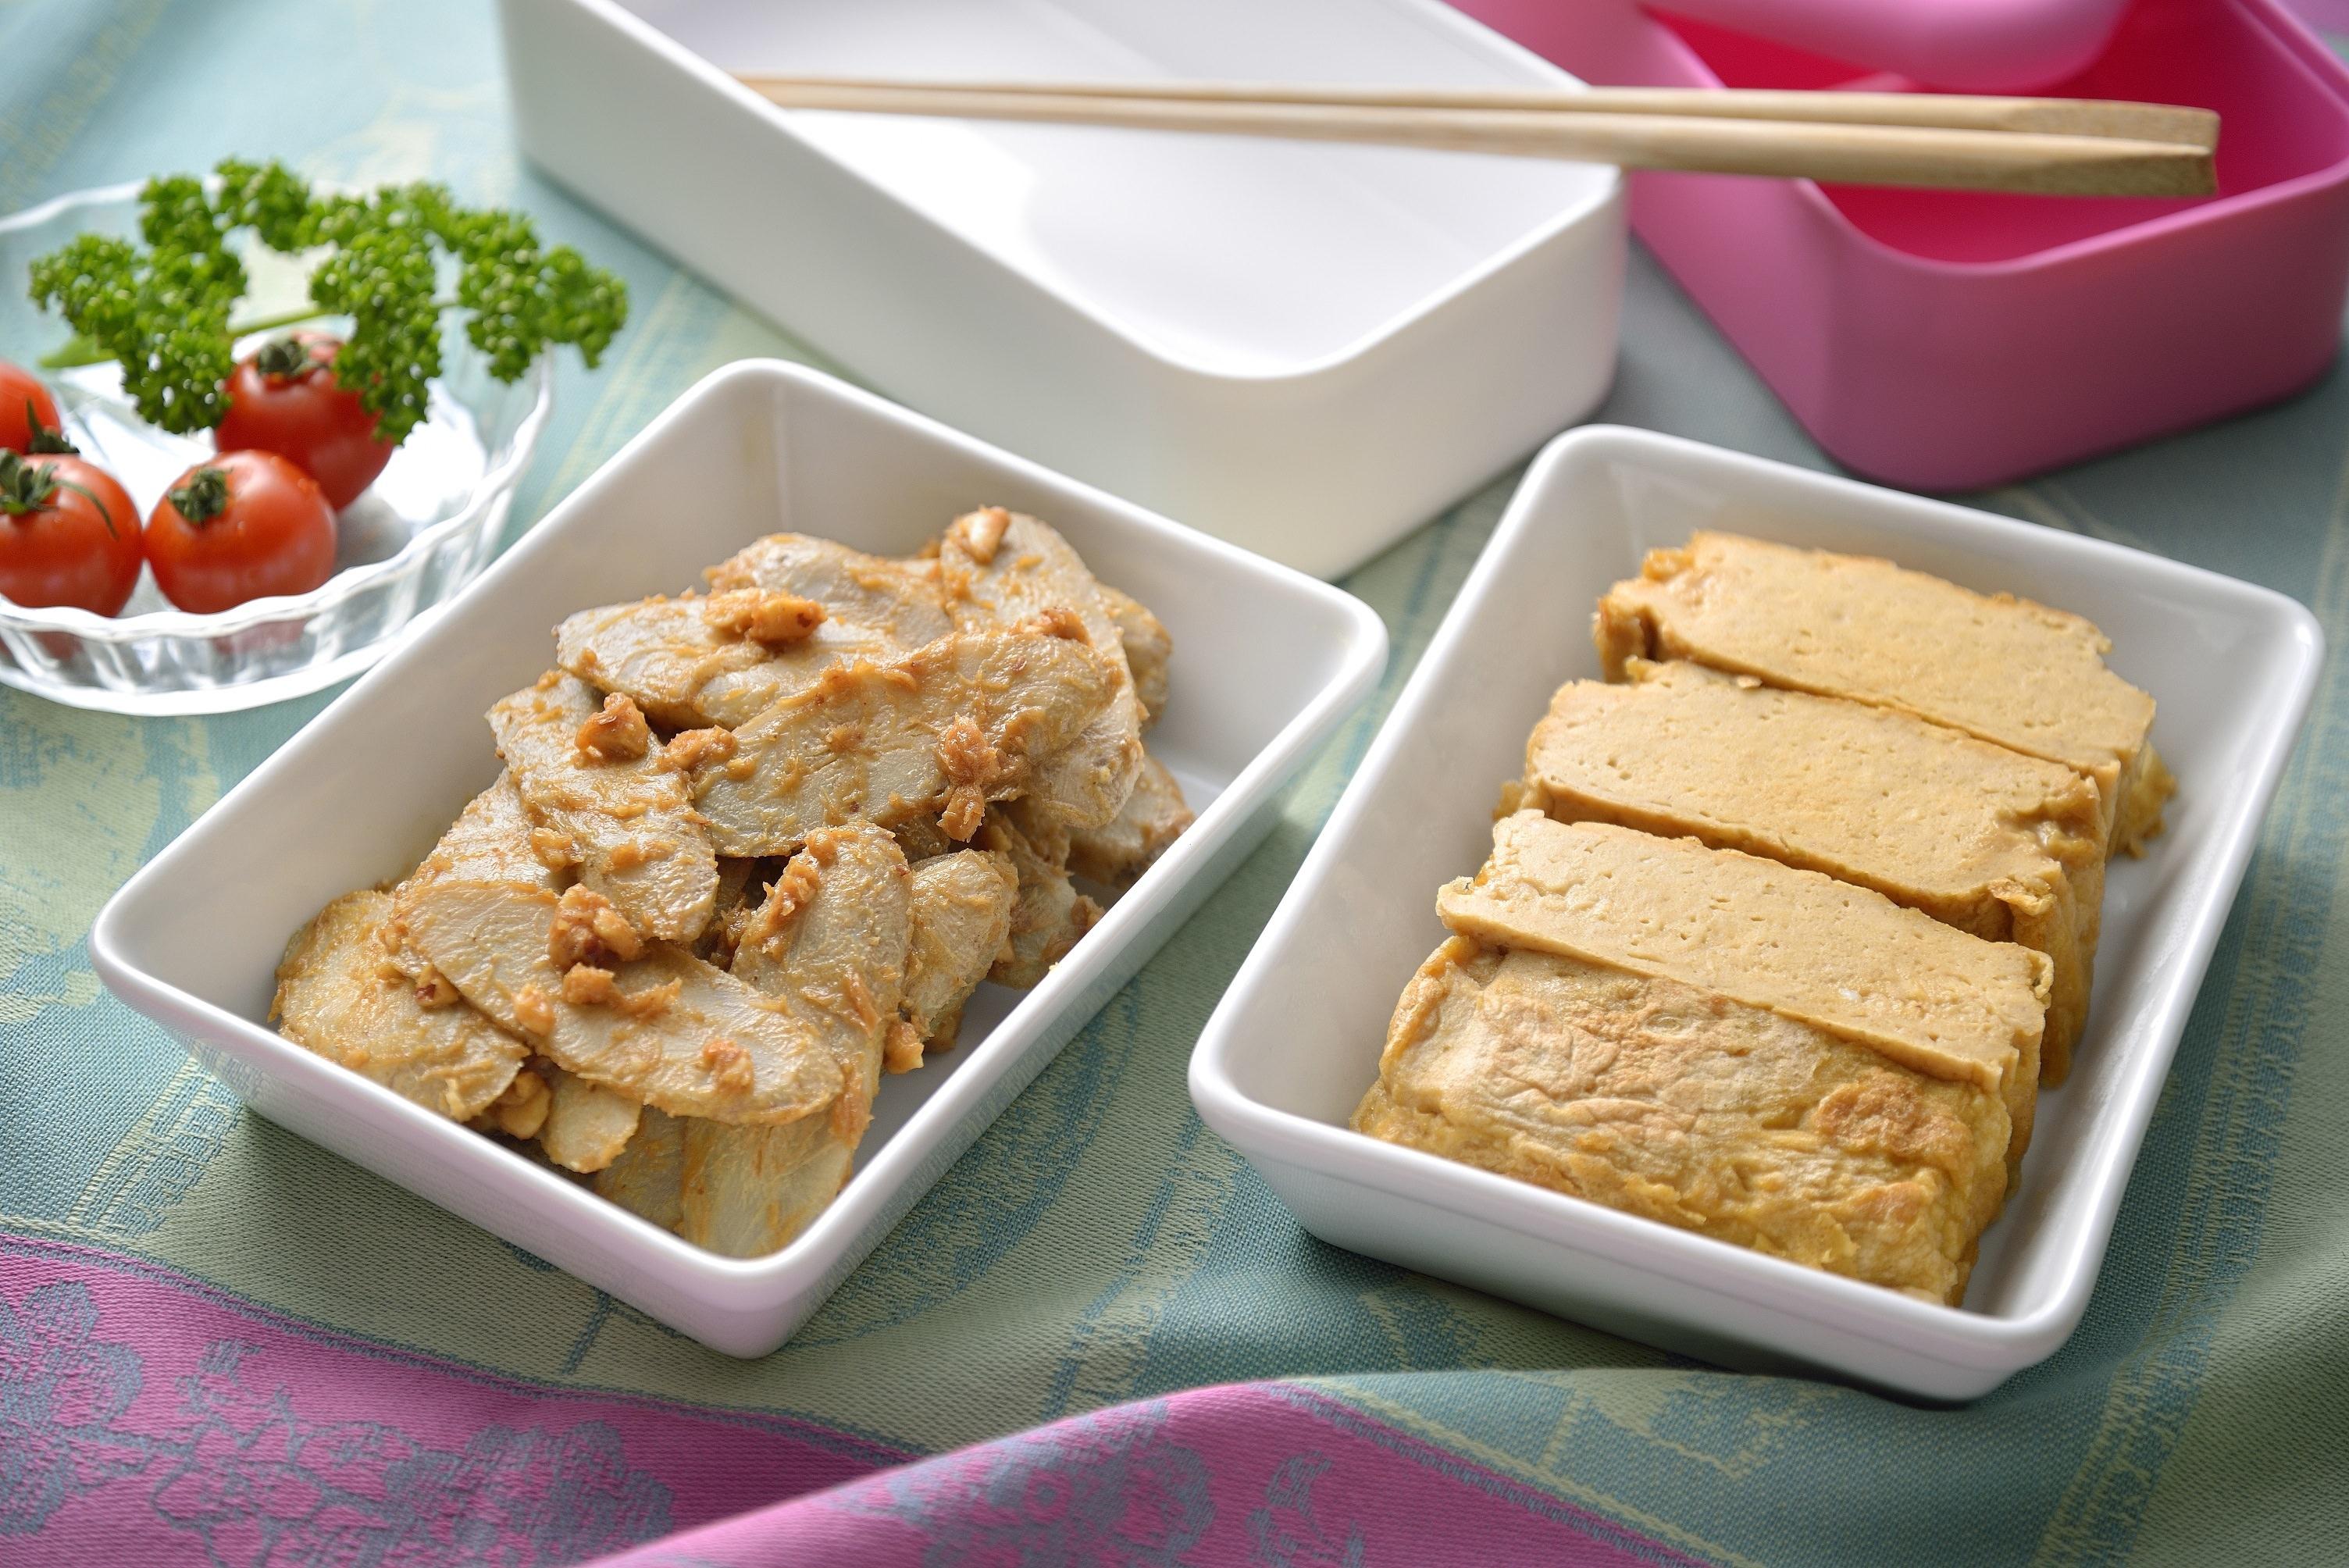 浜内 千波先生監修  ピーナッツバターを使ったコクうま簡単レシピを公開